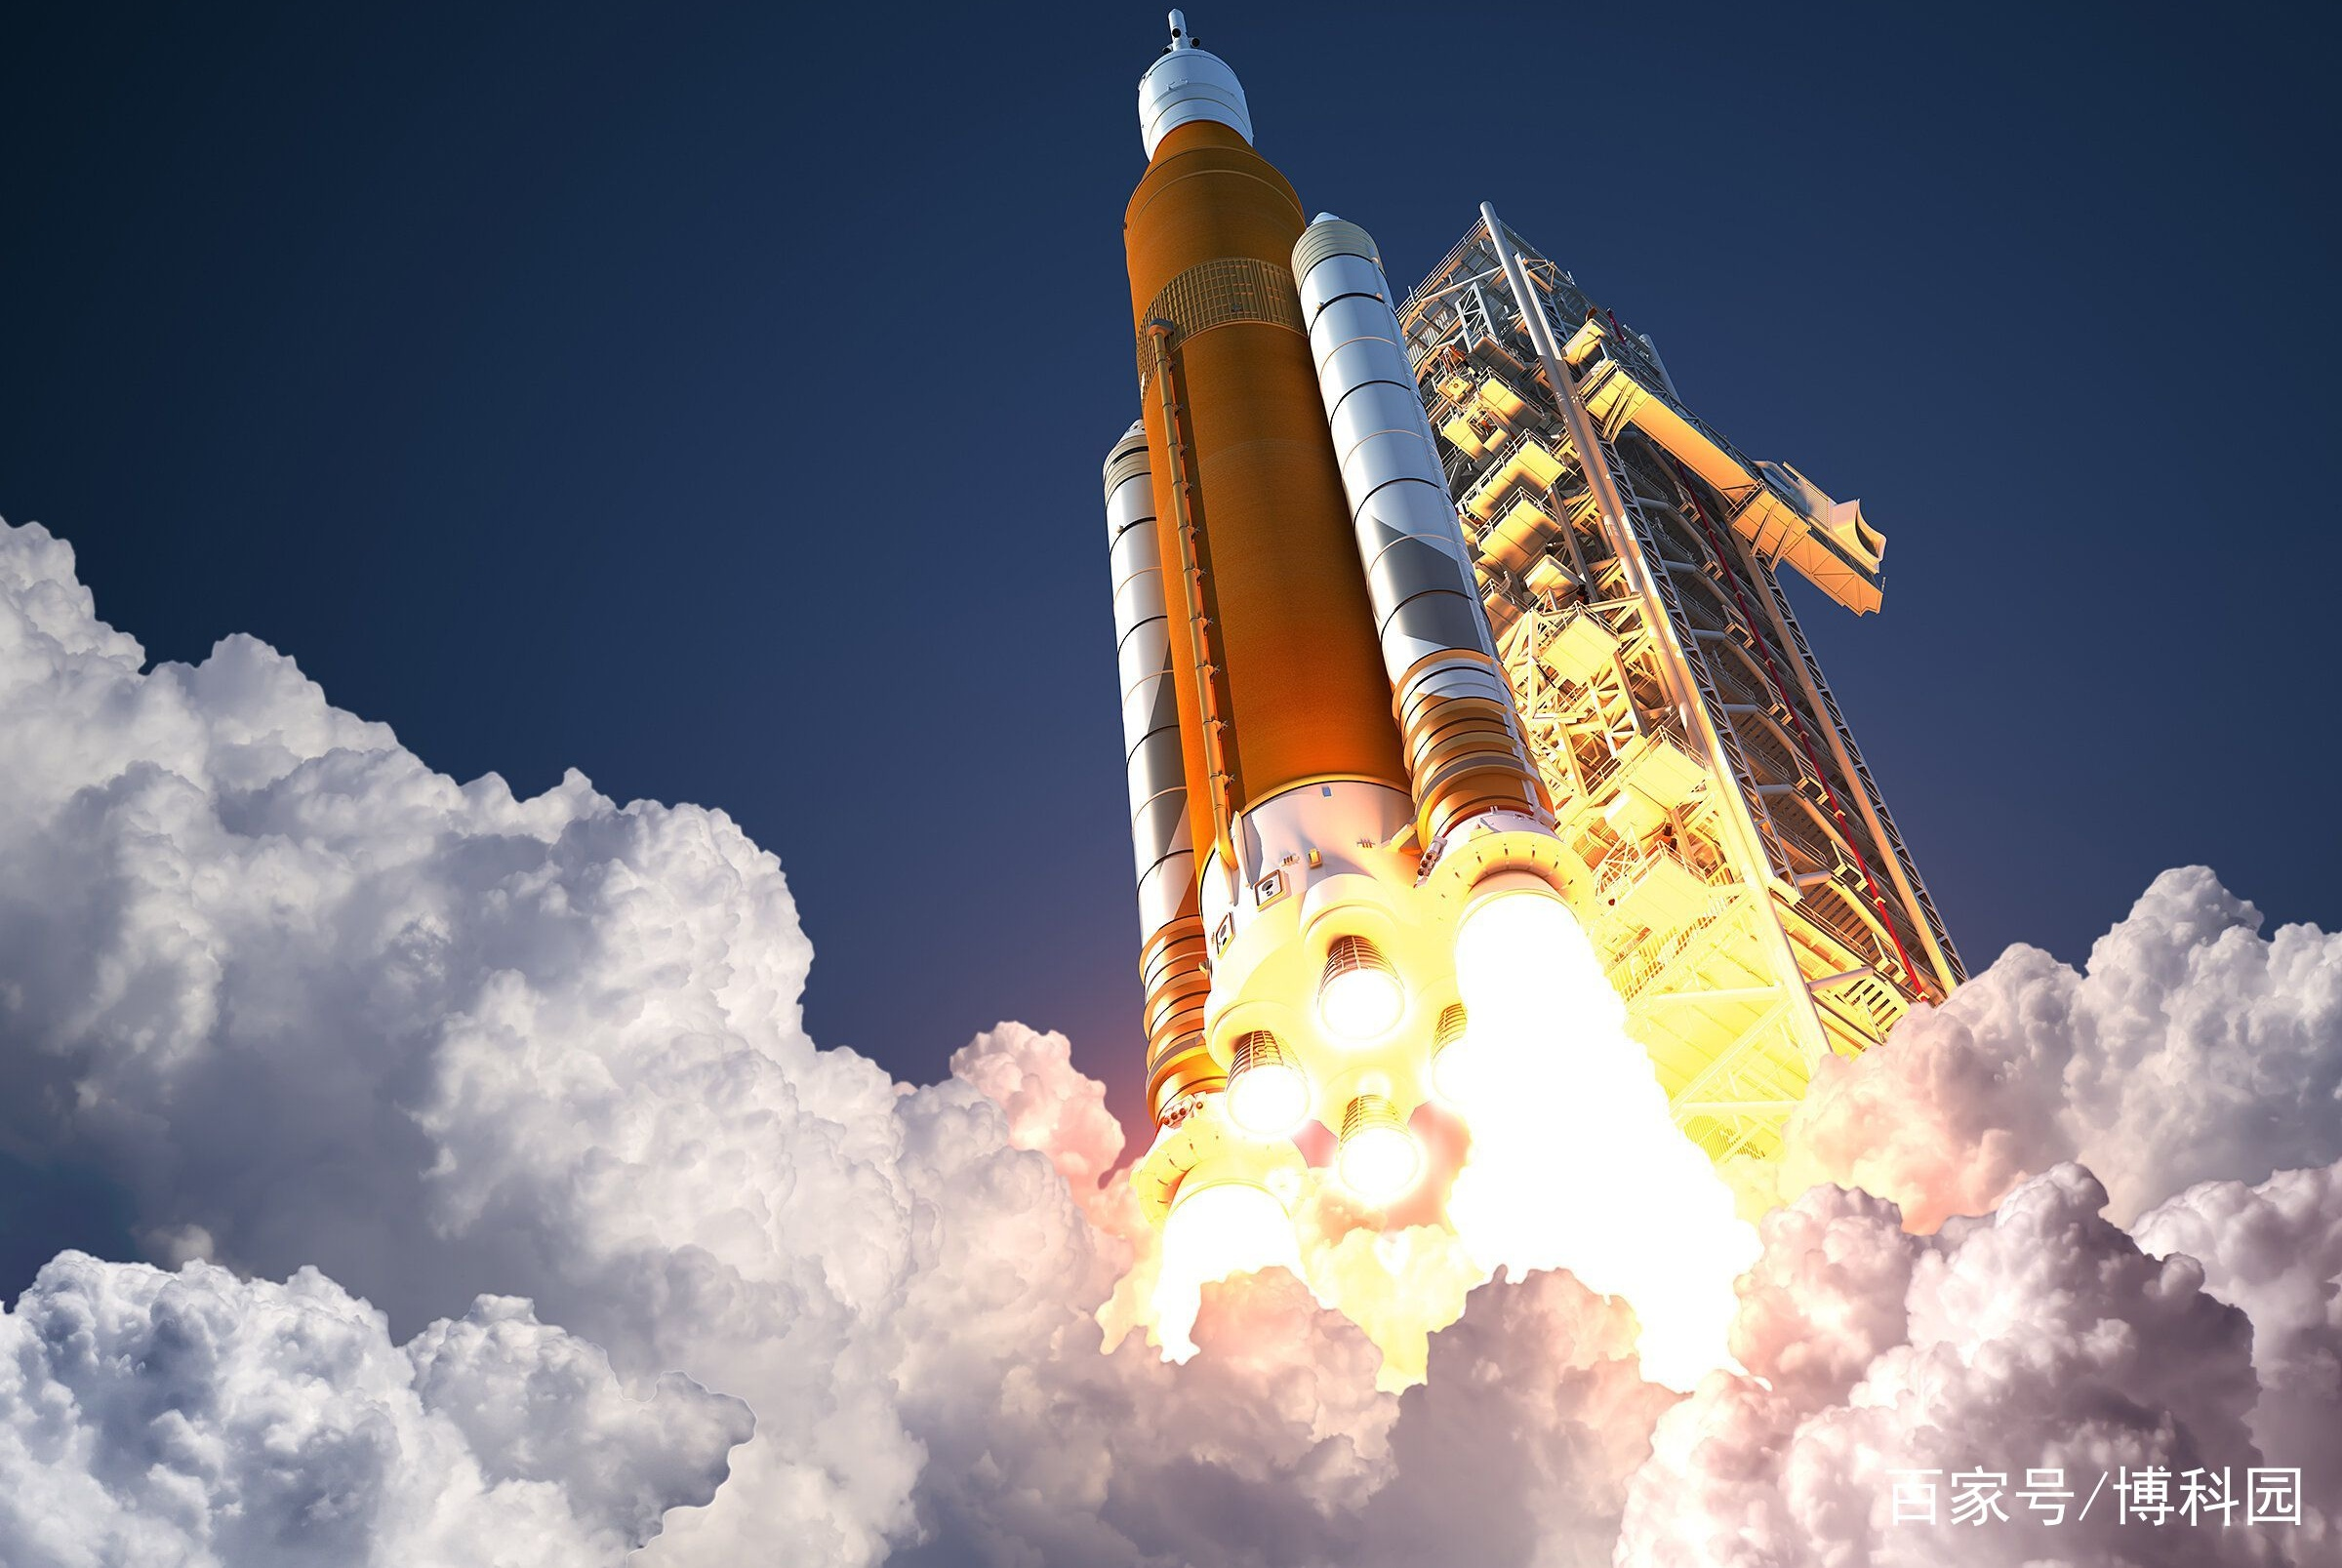 新混合能源可为未来的火箭、航天器提供燃料进行探索!